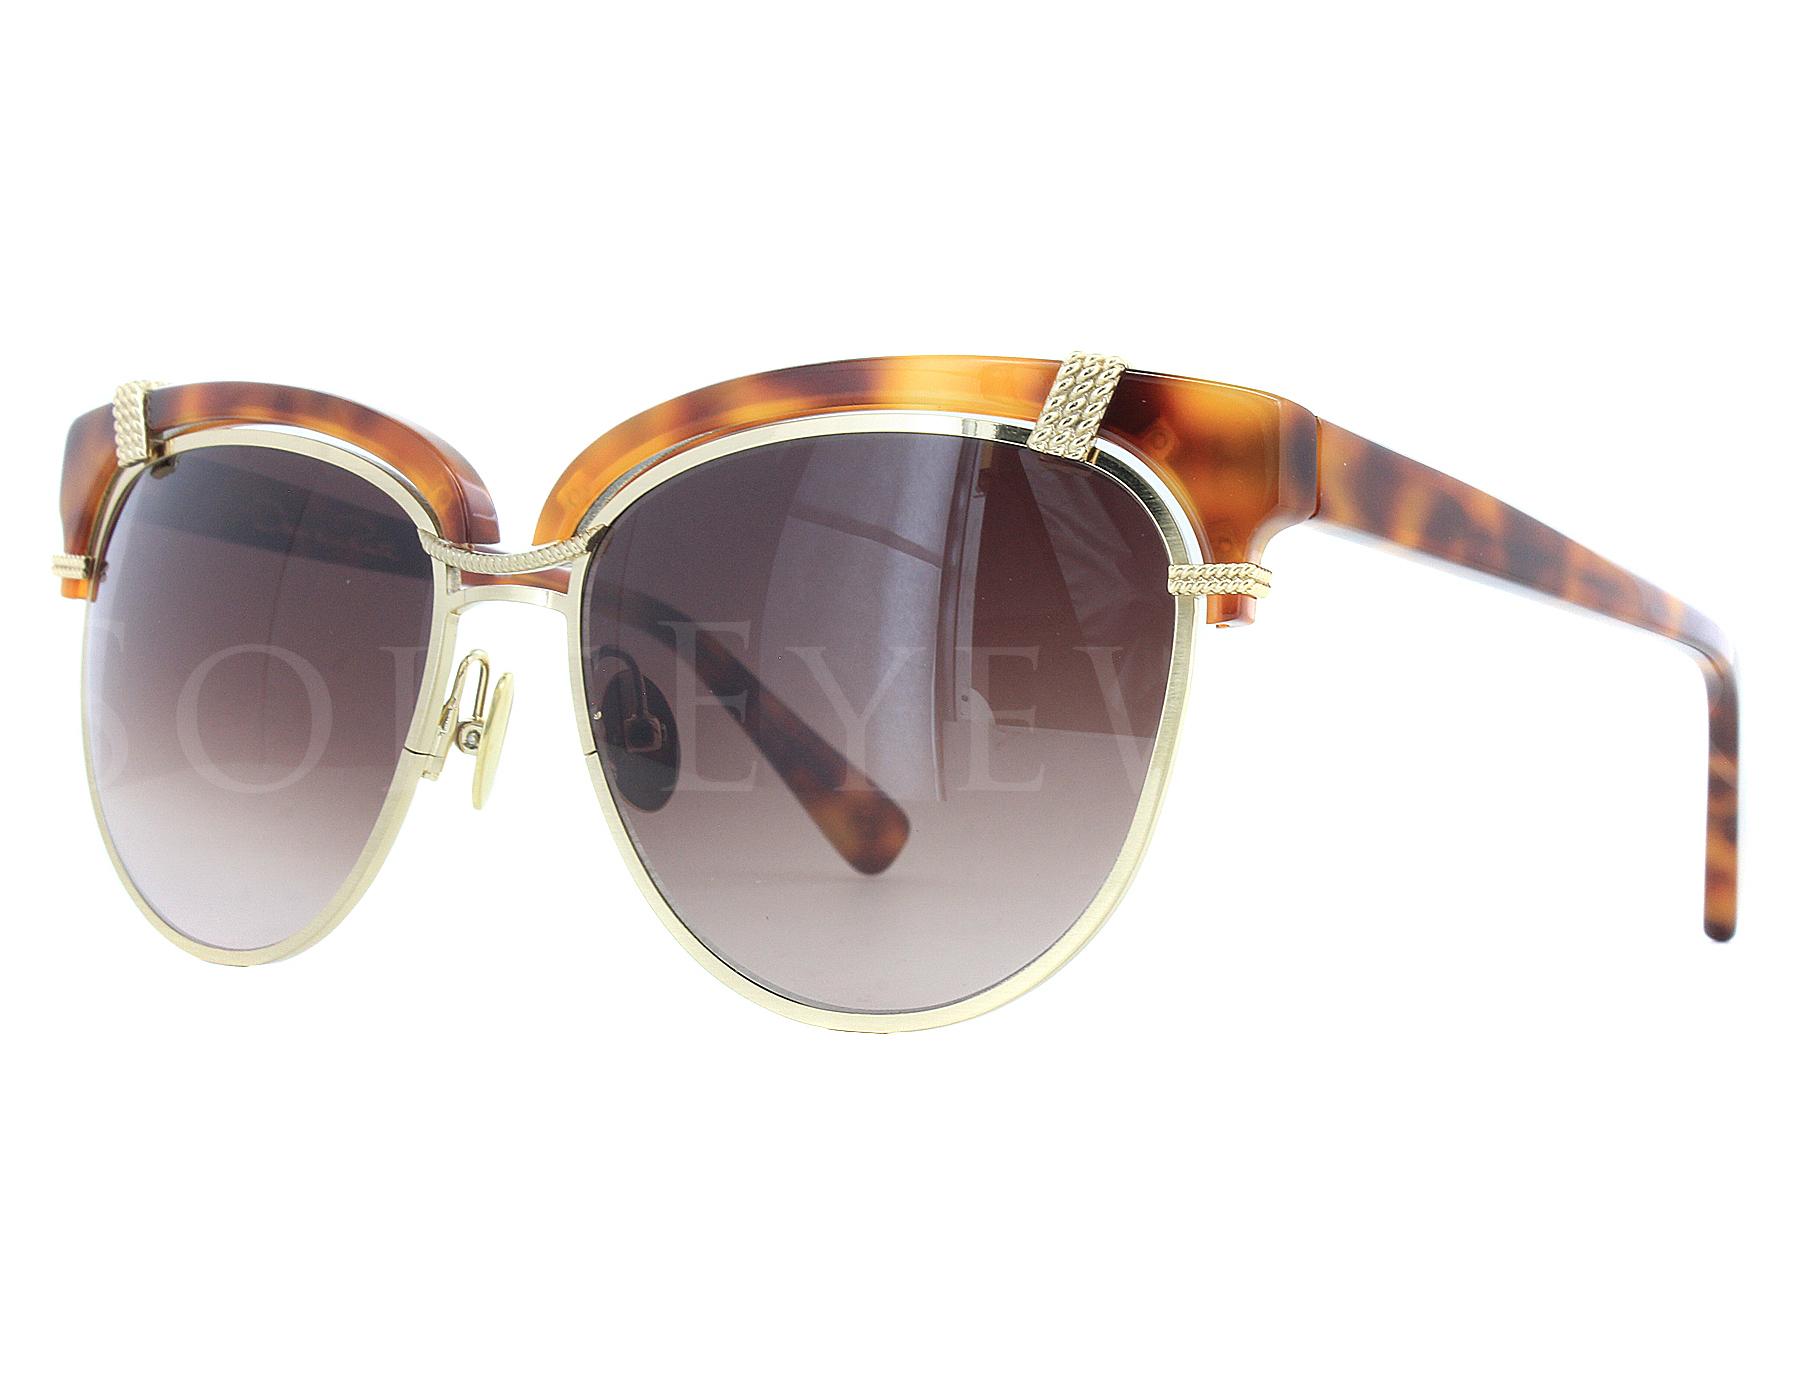 174de8ecaa Details about NEW Oscar De La Renta ODLRS 224 239 Tortoise   Brown Gradient  Sunglasses